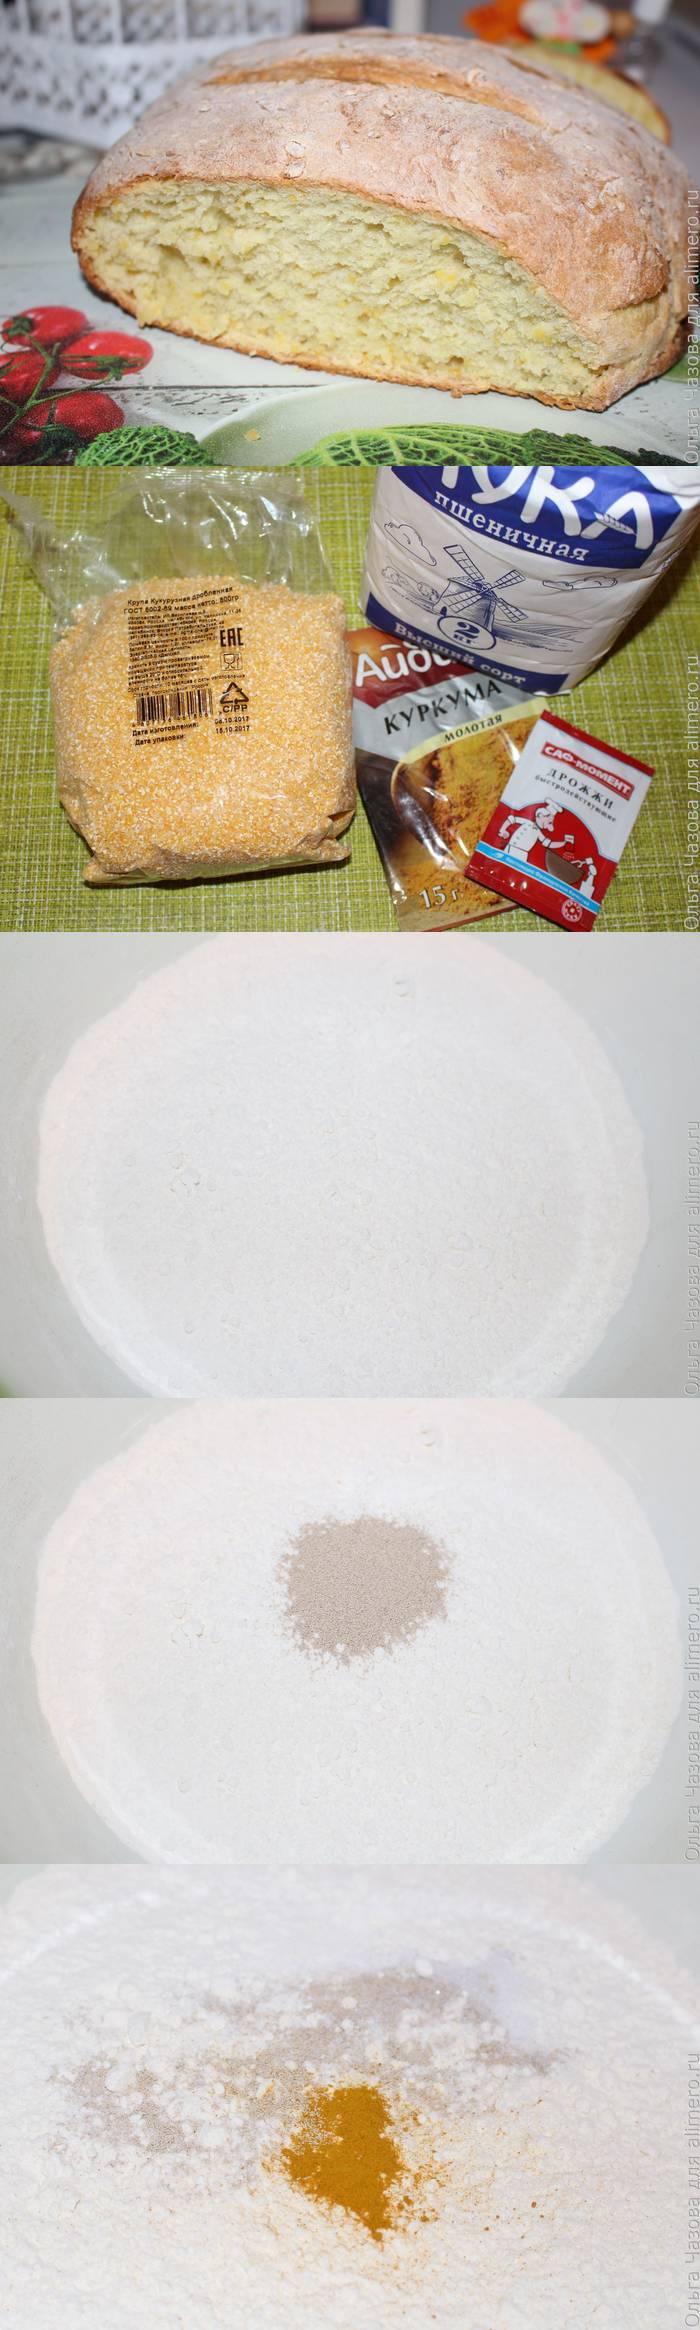 Мягкий домашний хлеб с кукурузной кашей